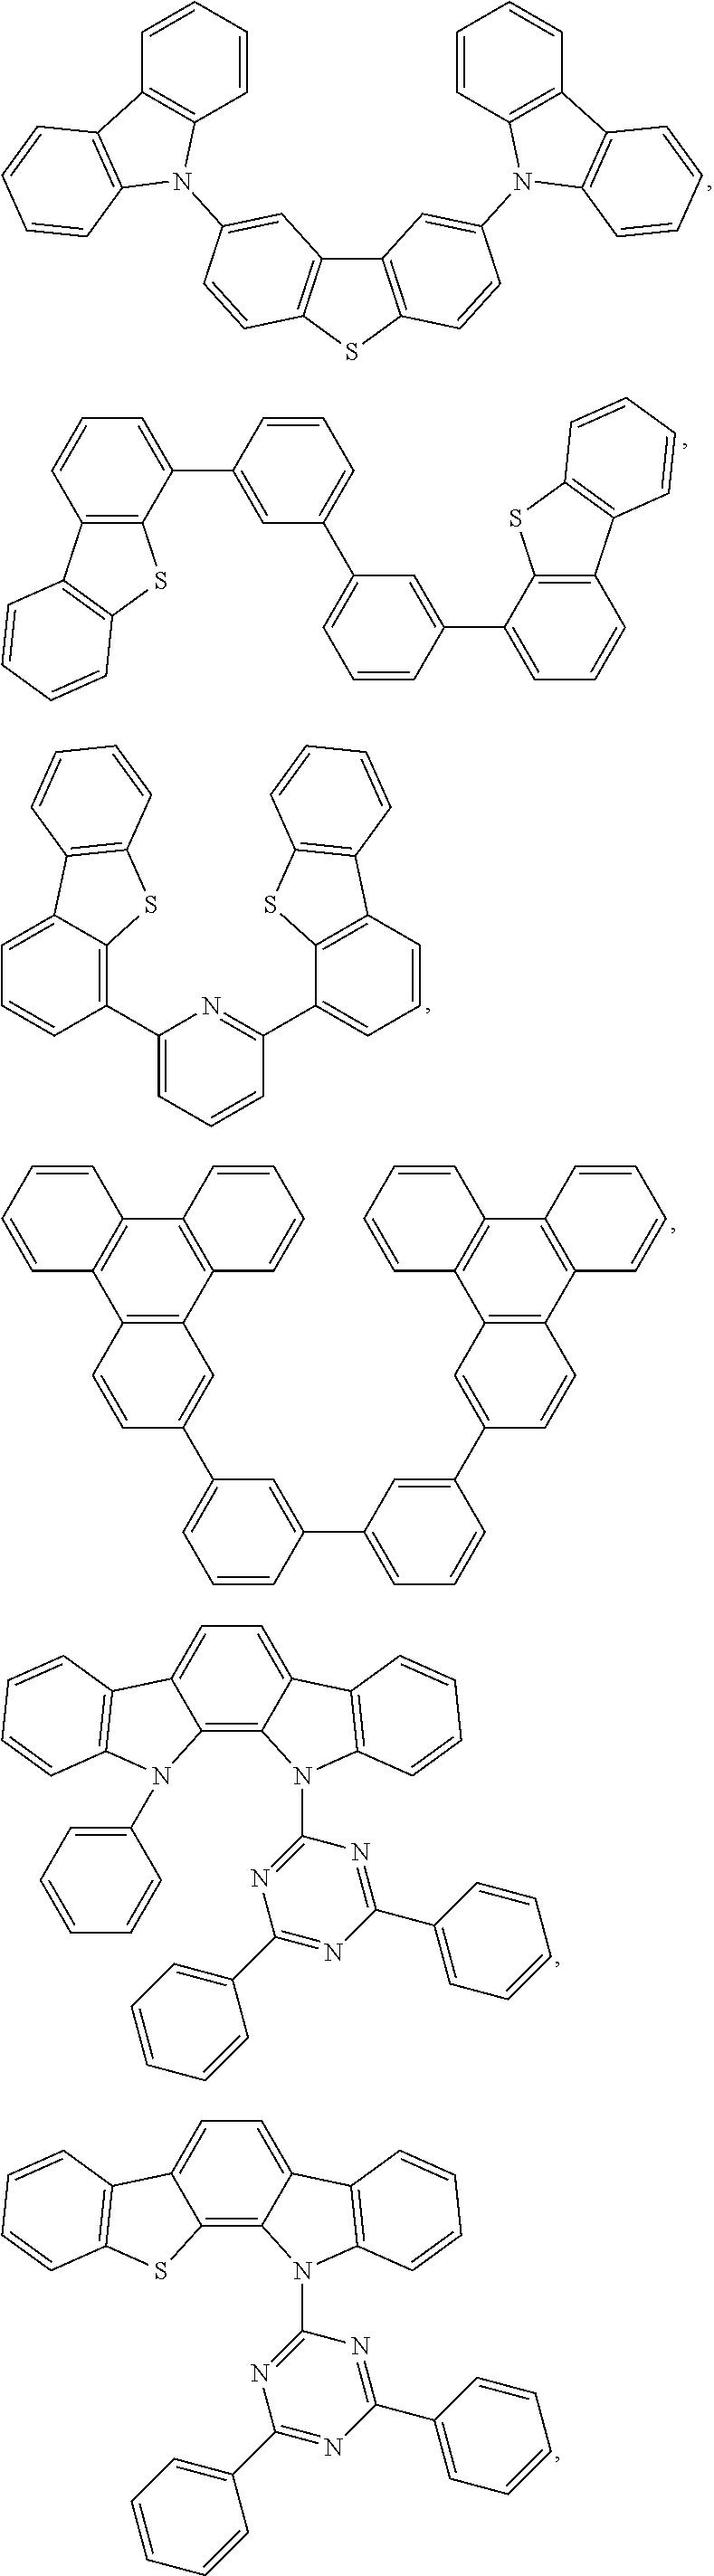 Figure US09725476-20170808-C00247